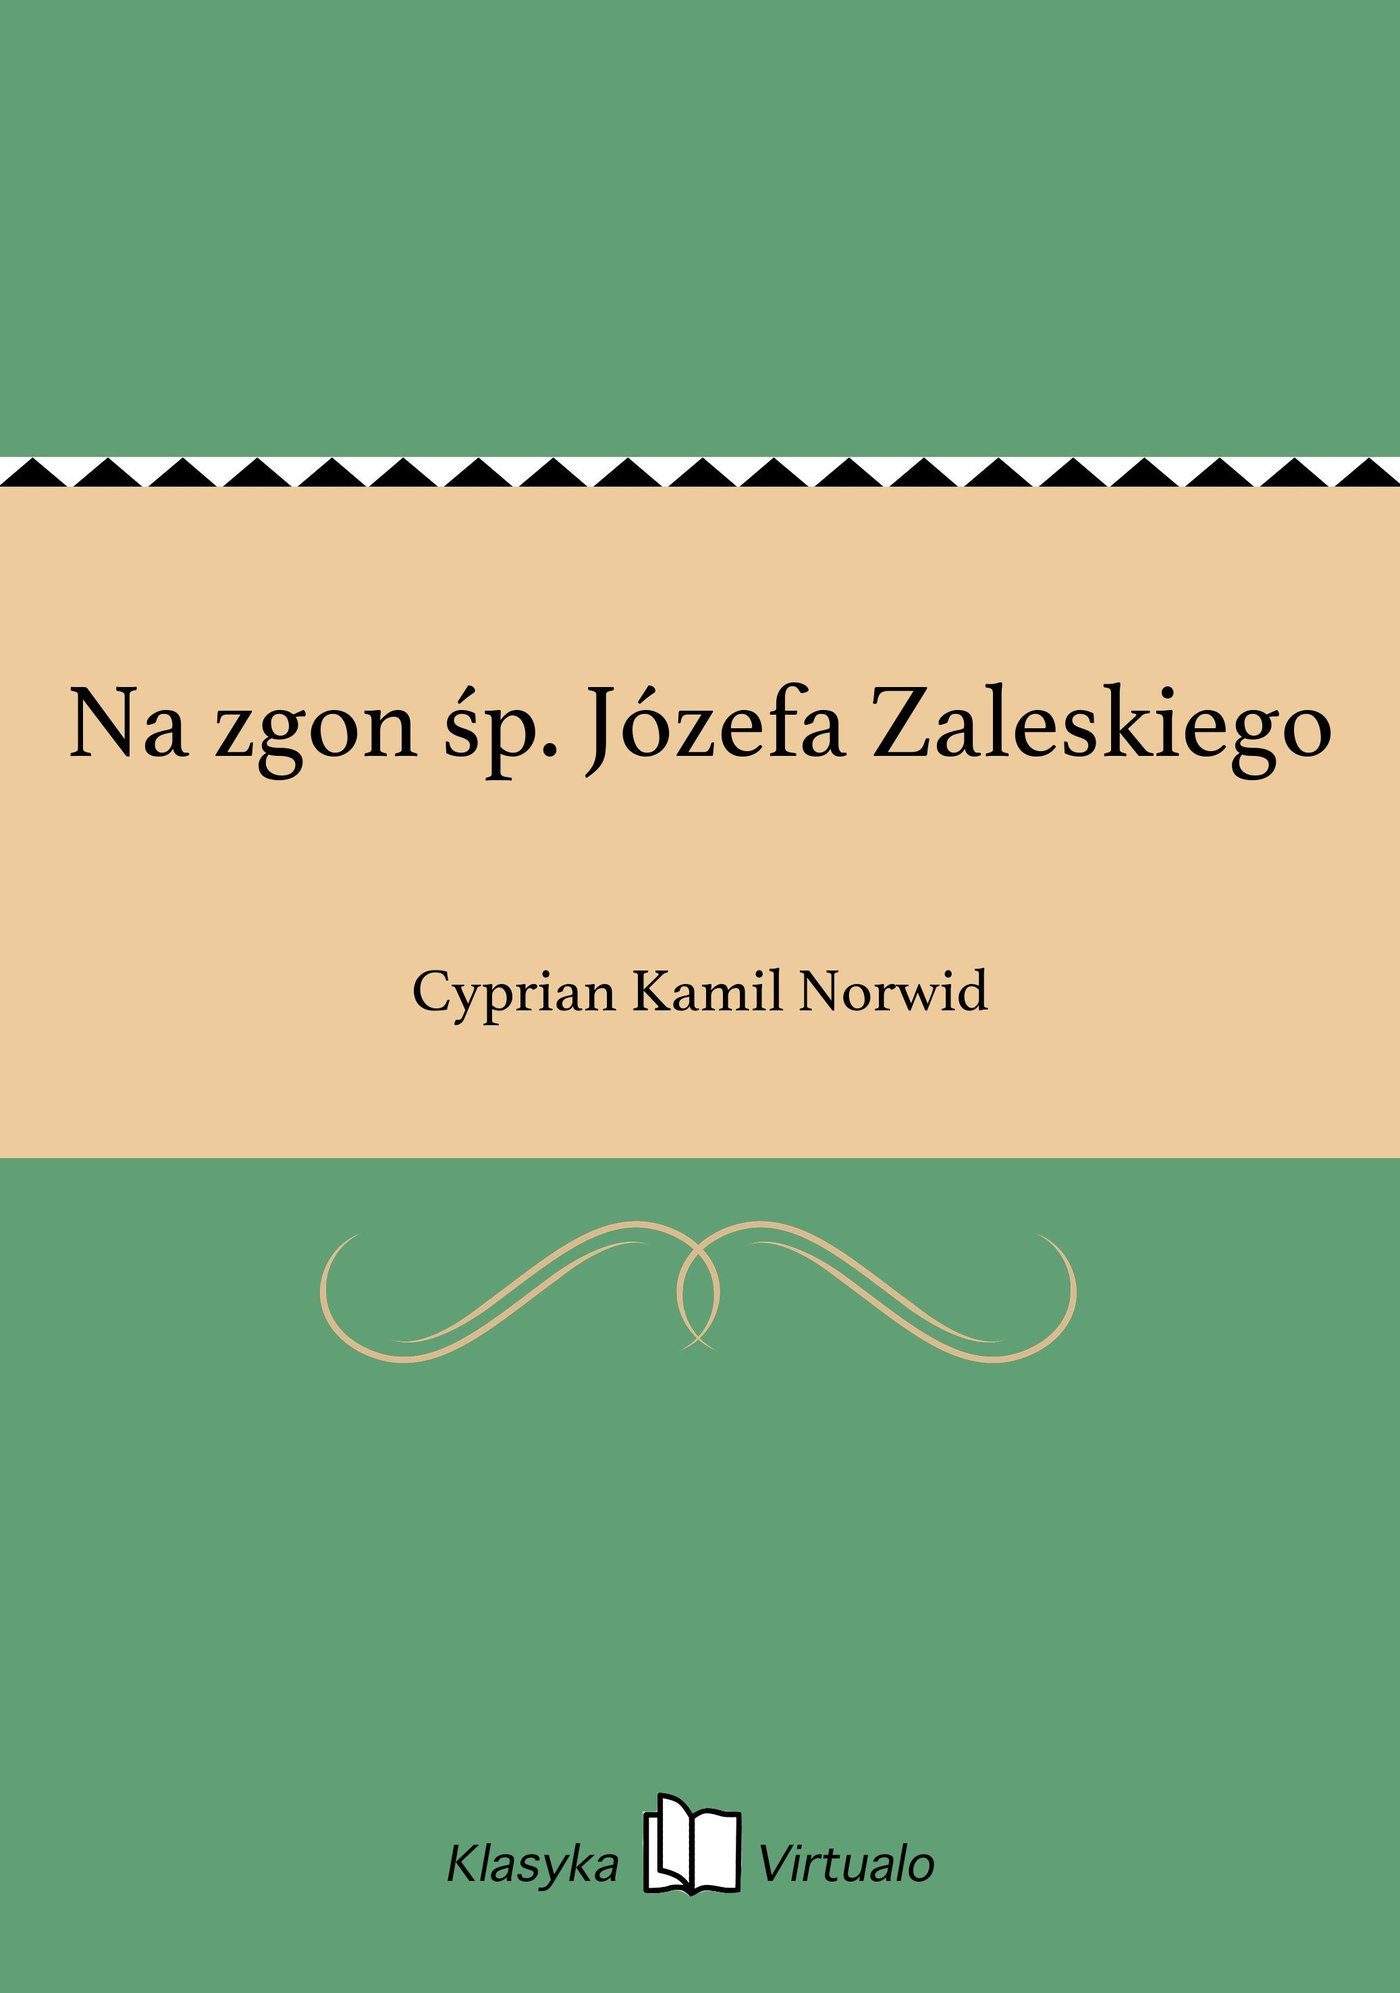 Na zgon śp. Józefa Zaleskiego - Ebook (Książka EPUB) do pobrania w formacie EPUB